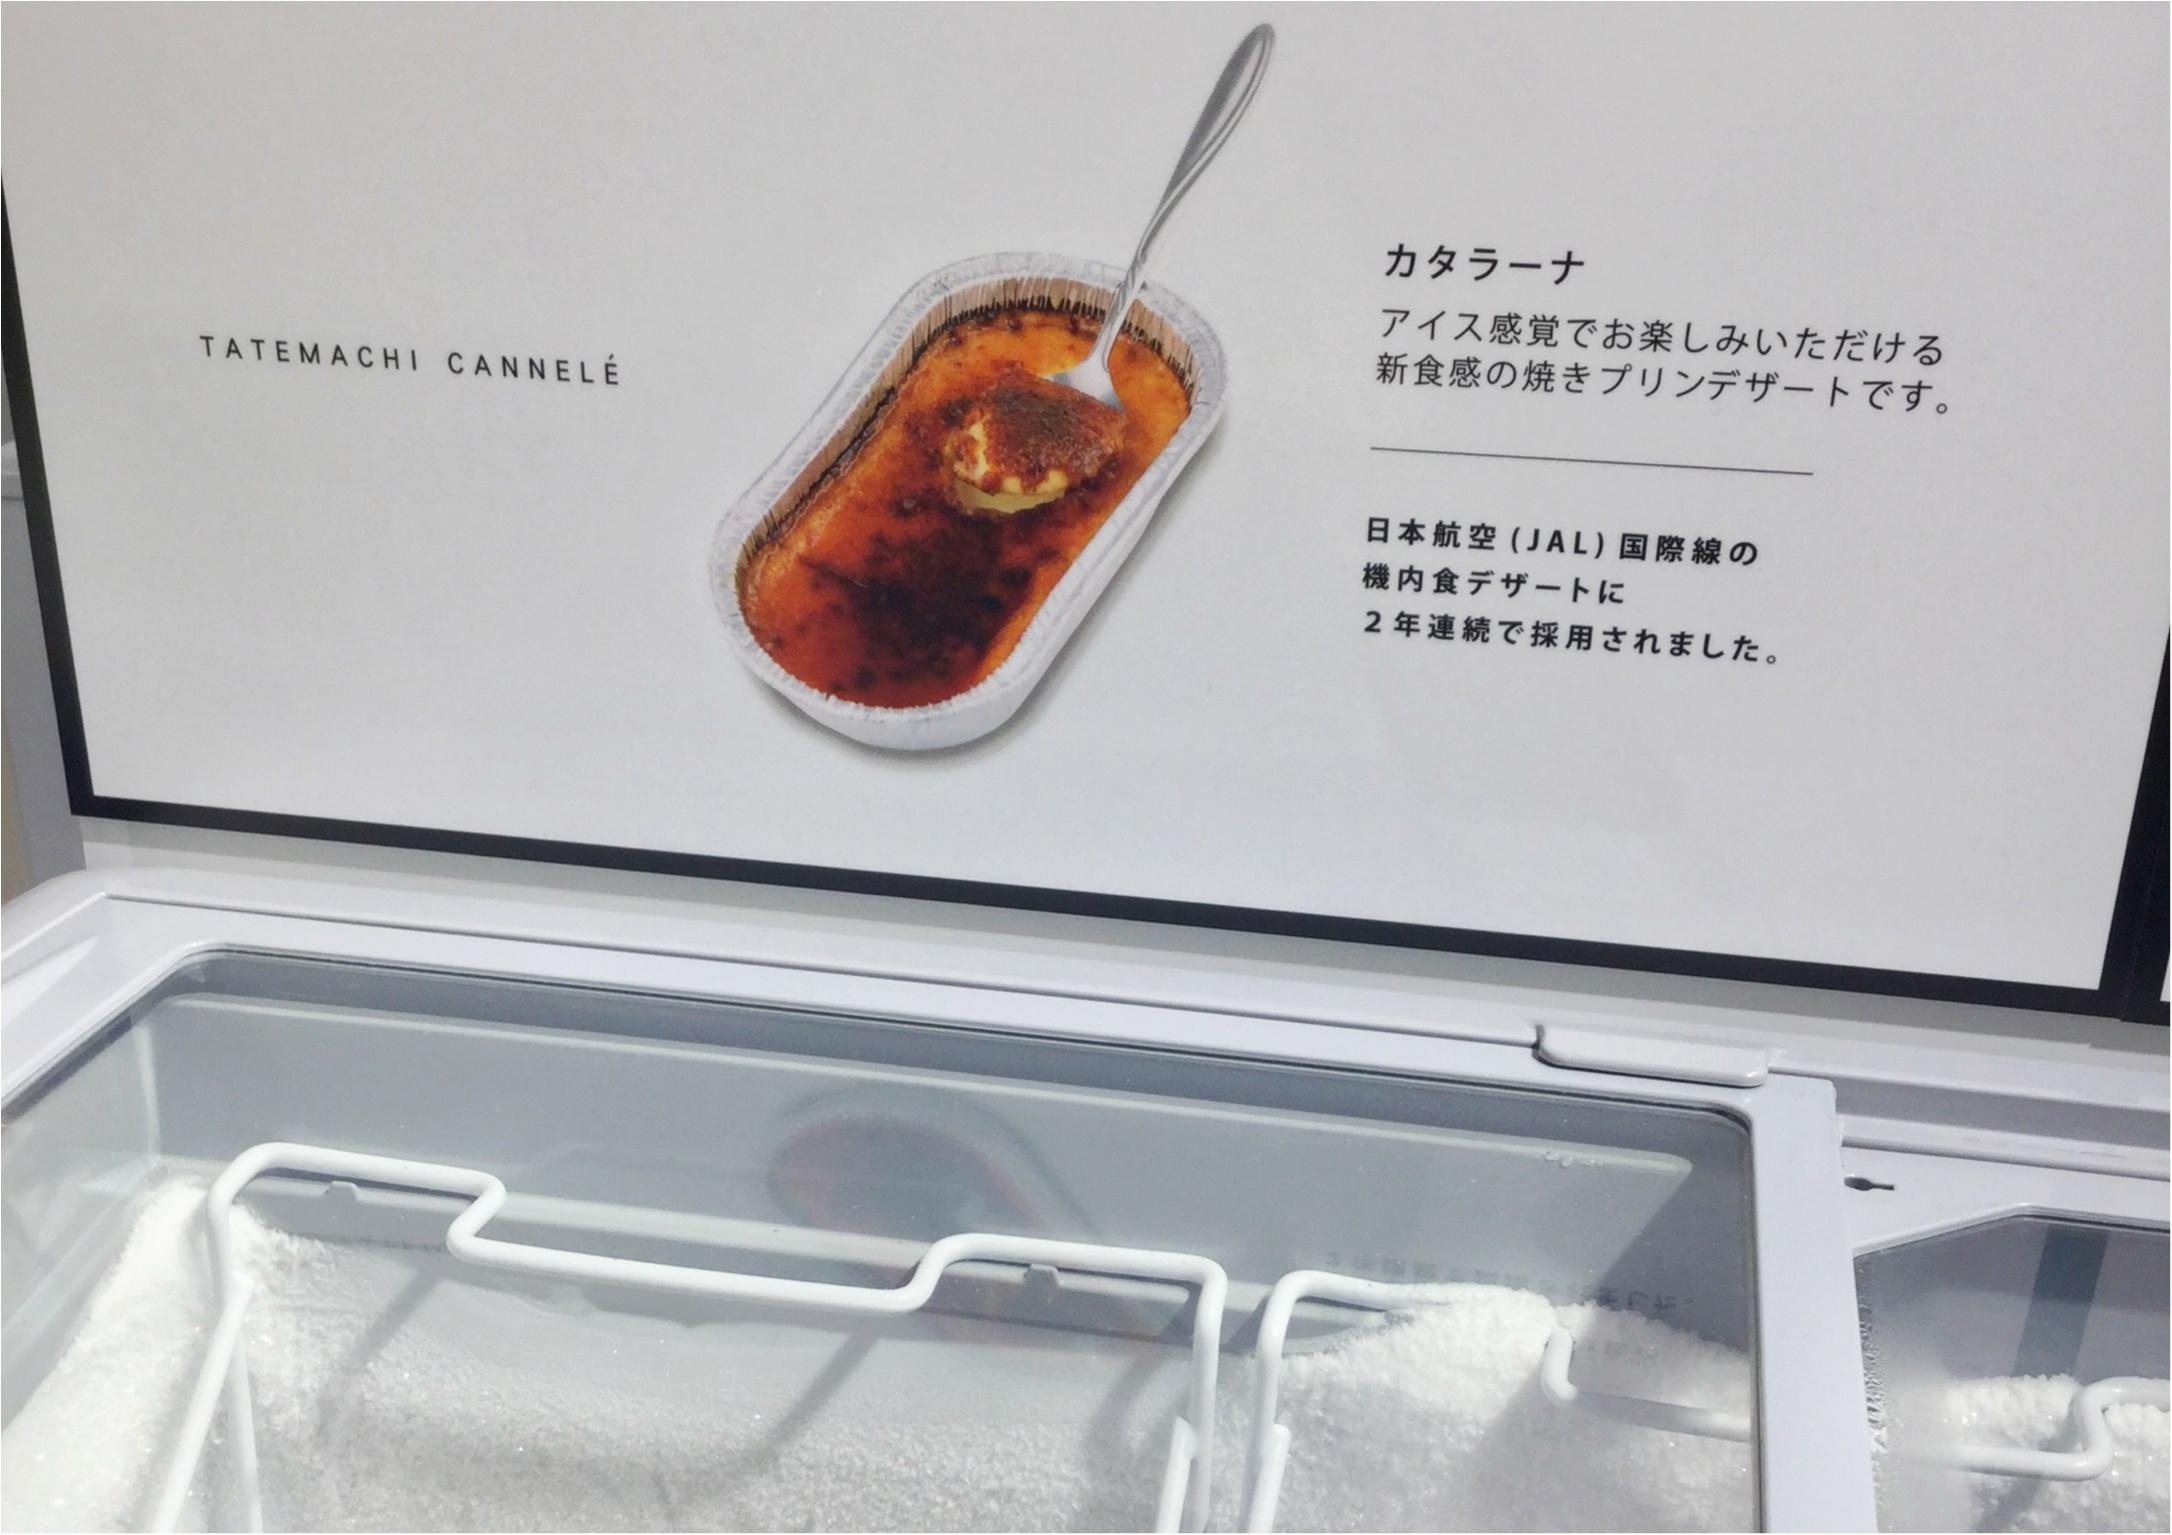 広島のおしゃれなお土産特集《2019年》- 人気の定番土産から話題のチョコ、スタバの限定タンブラーも!_43